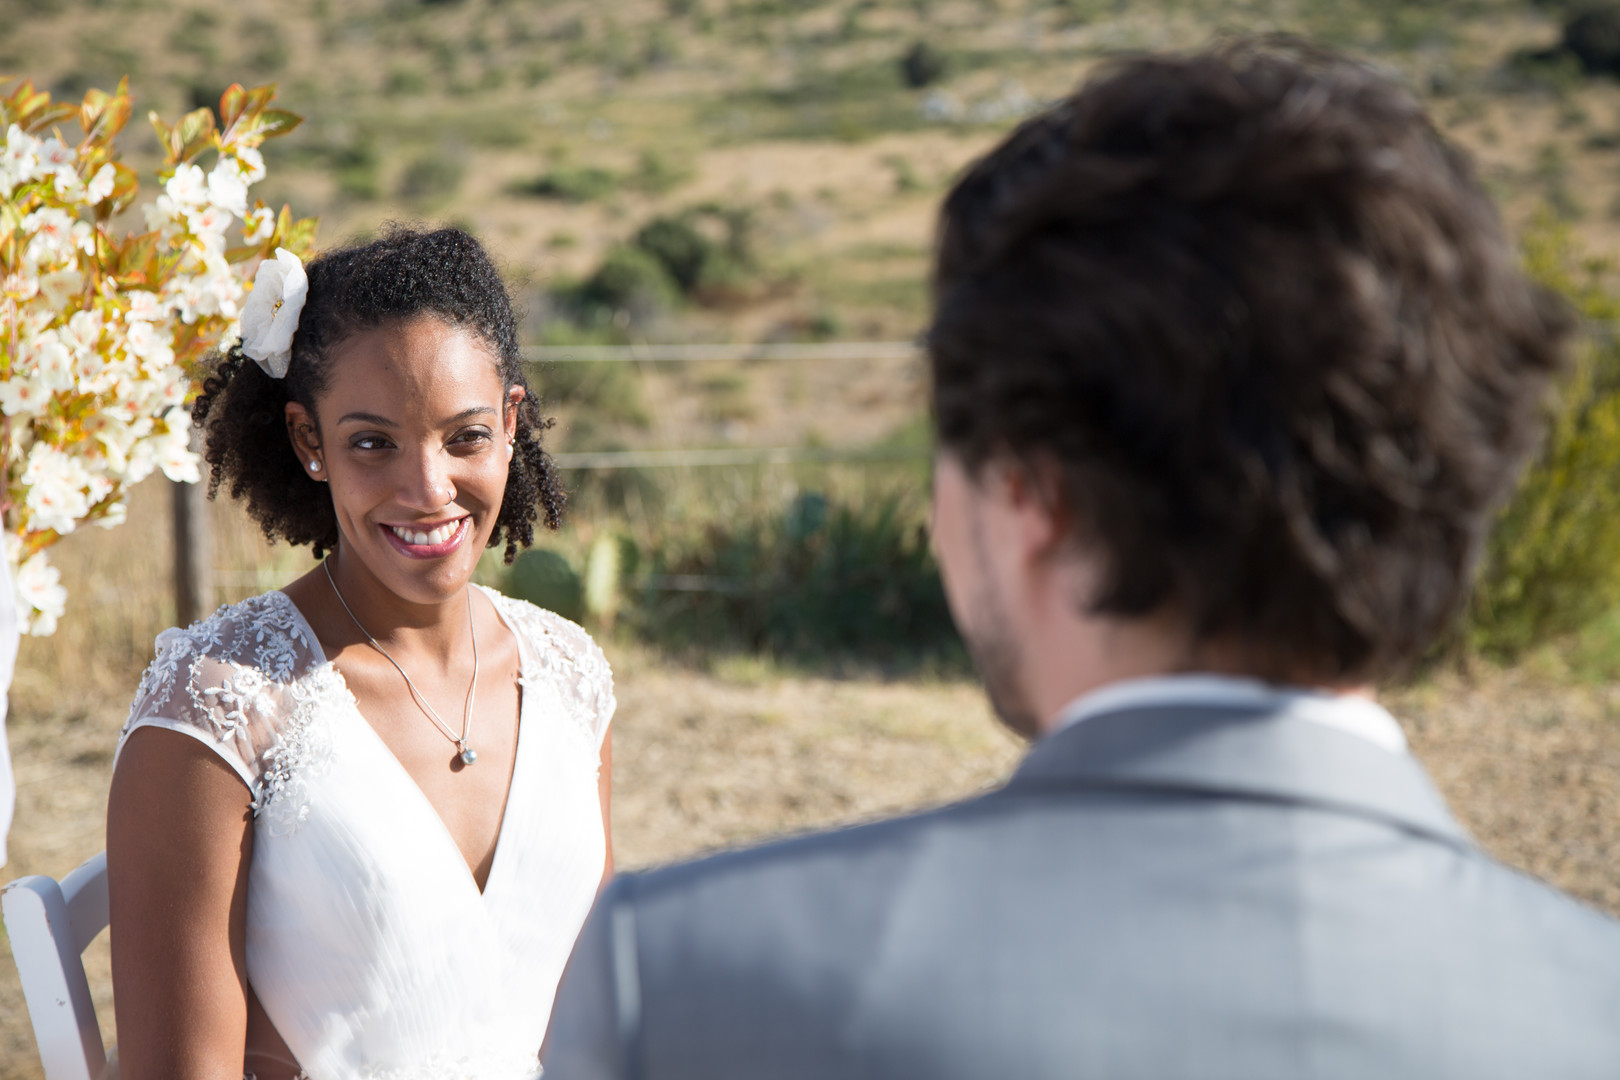 lovers mariage wedding cérémonie laïque love photography photographie